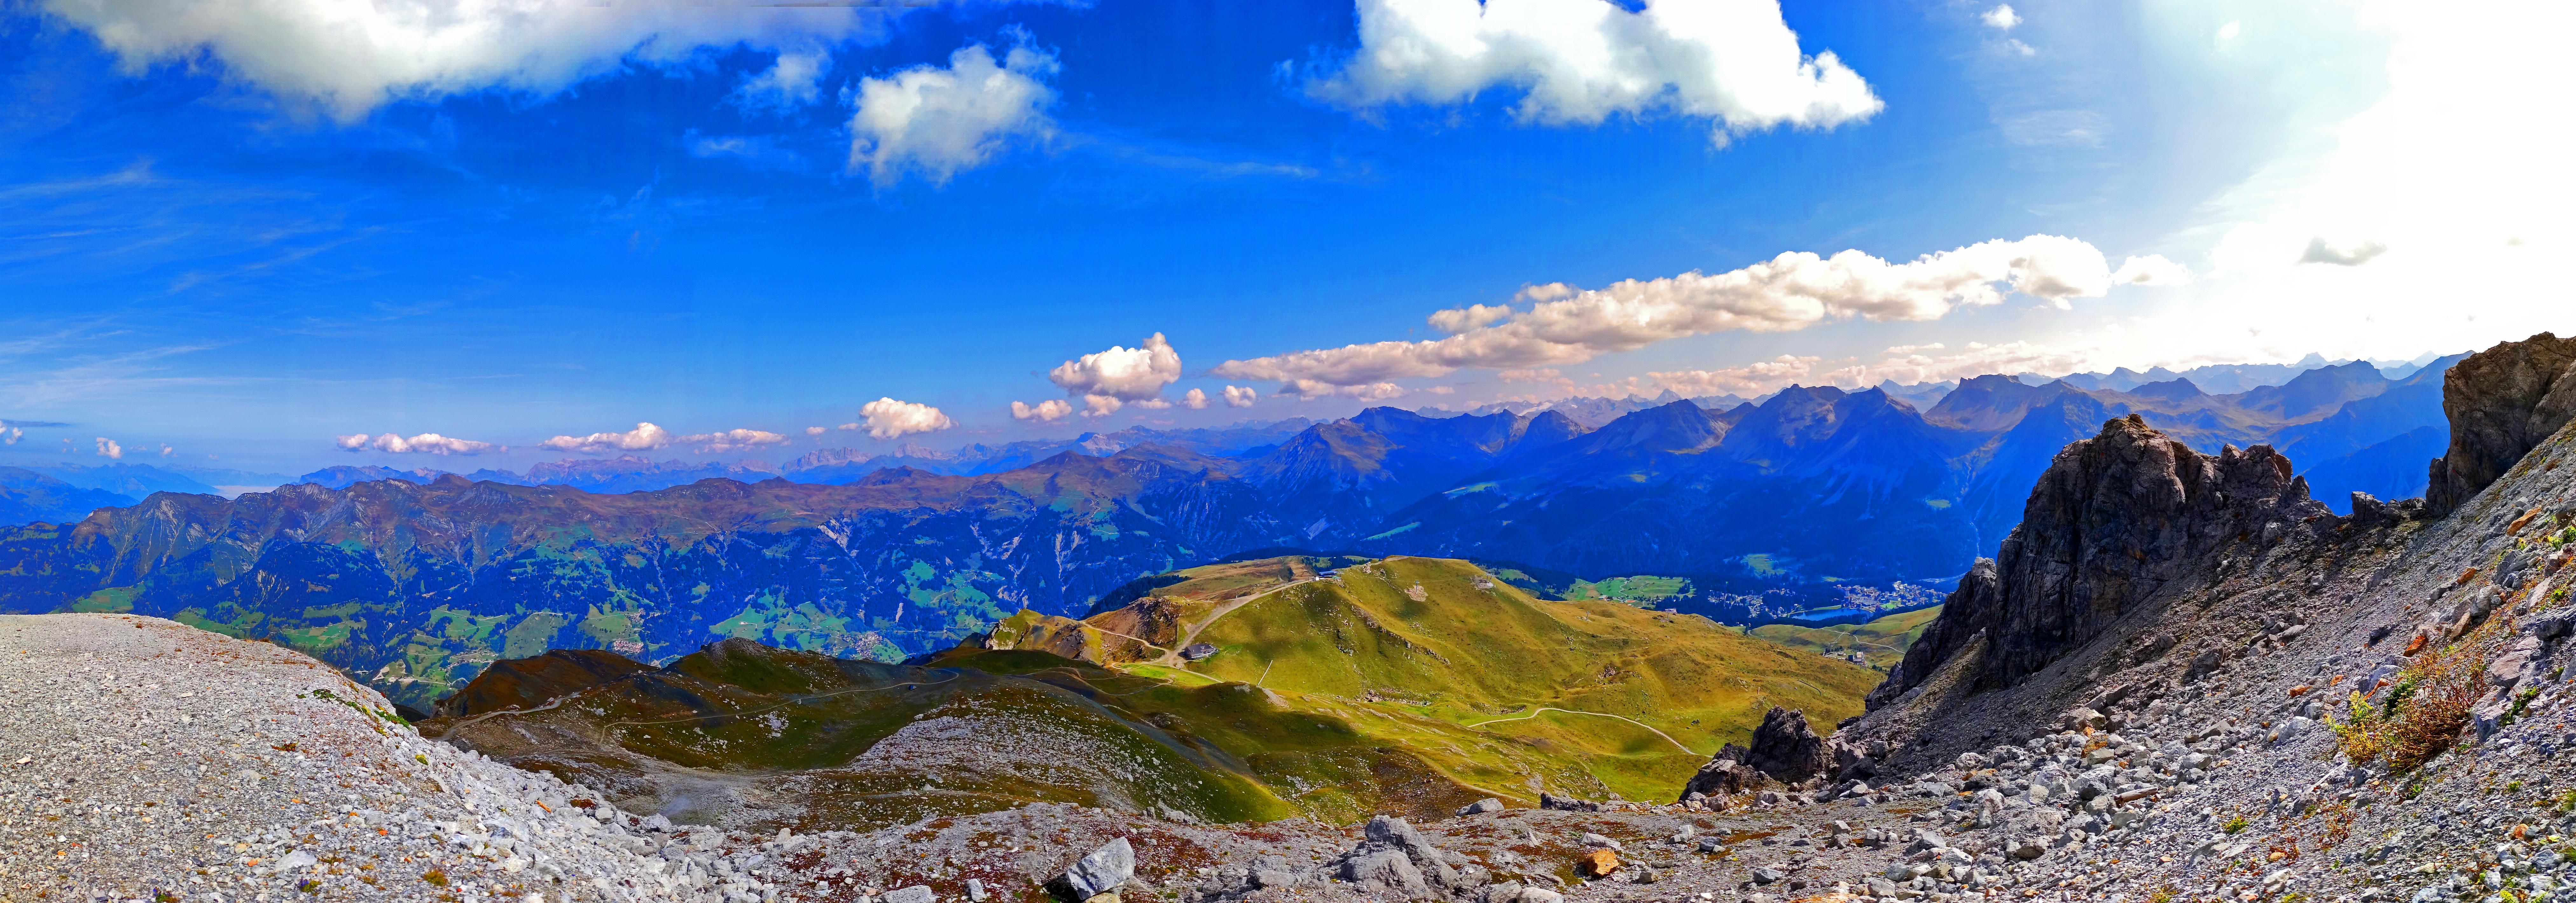 Bilder von Alpen Schweiz Panorama Natur Gebirge Himmel Wolke 8100x2839 Panoramafotografie Berg